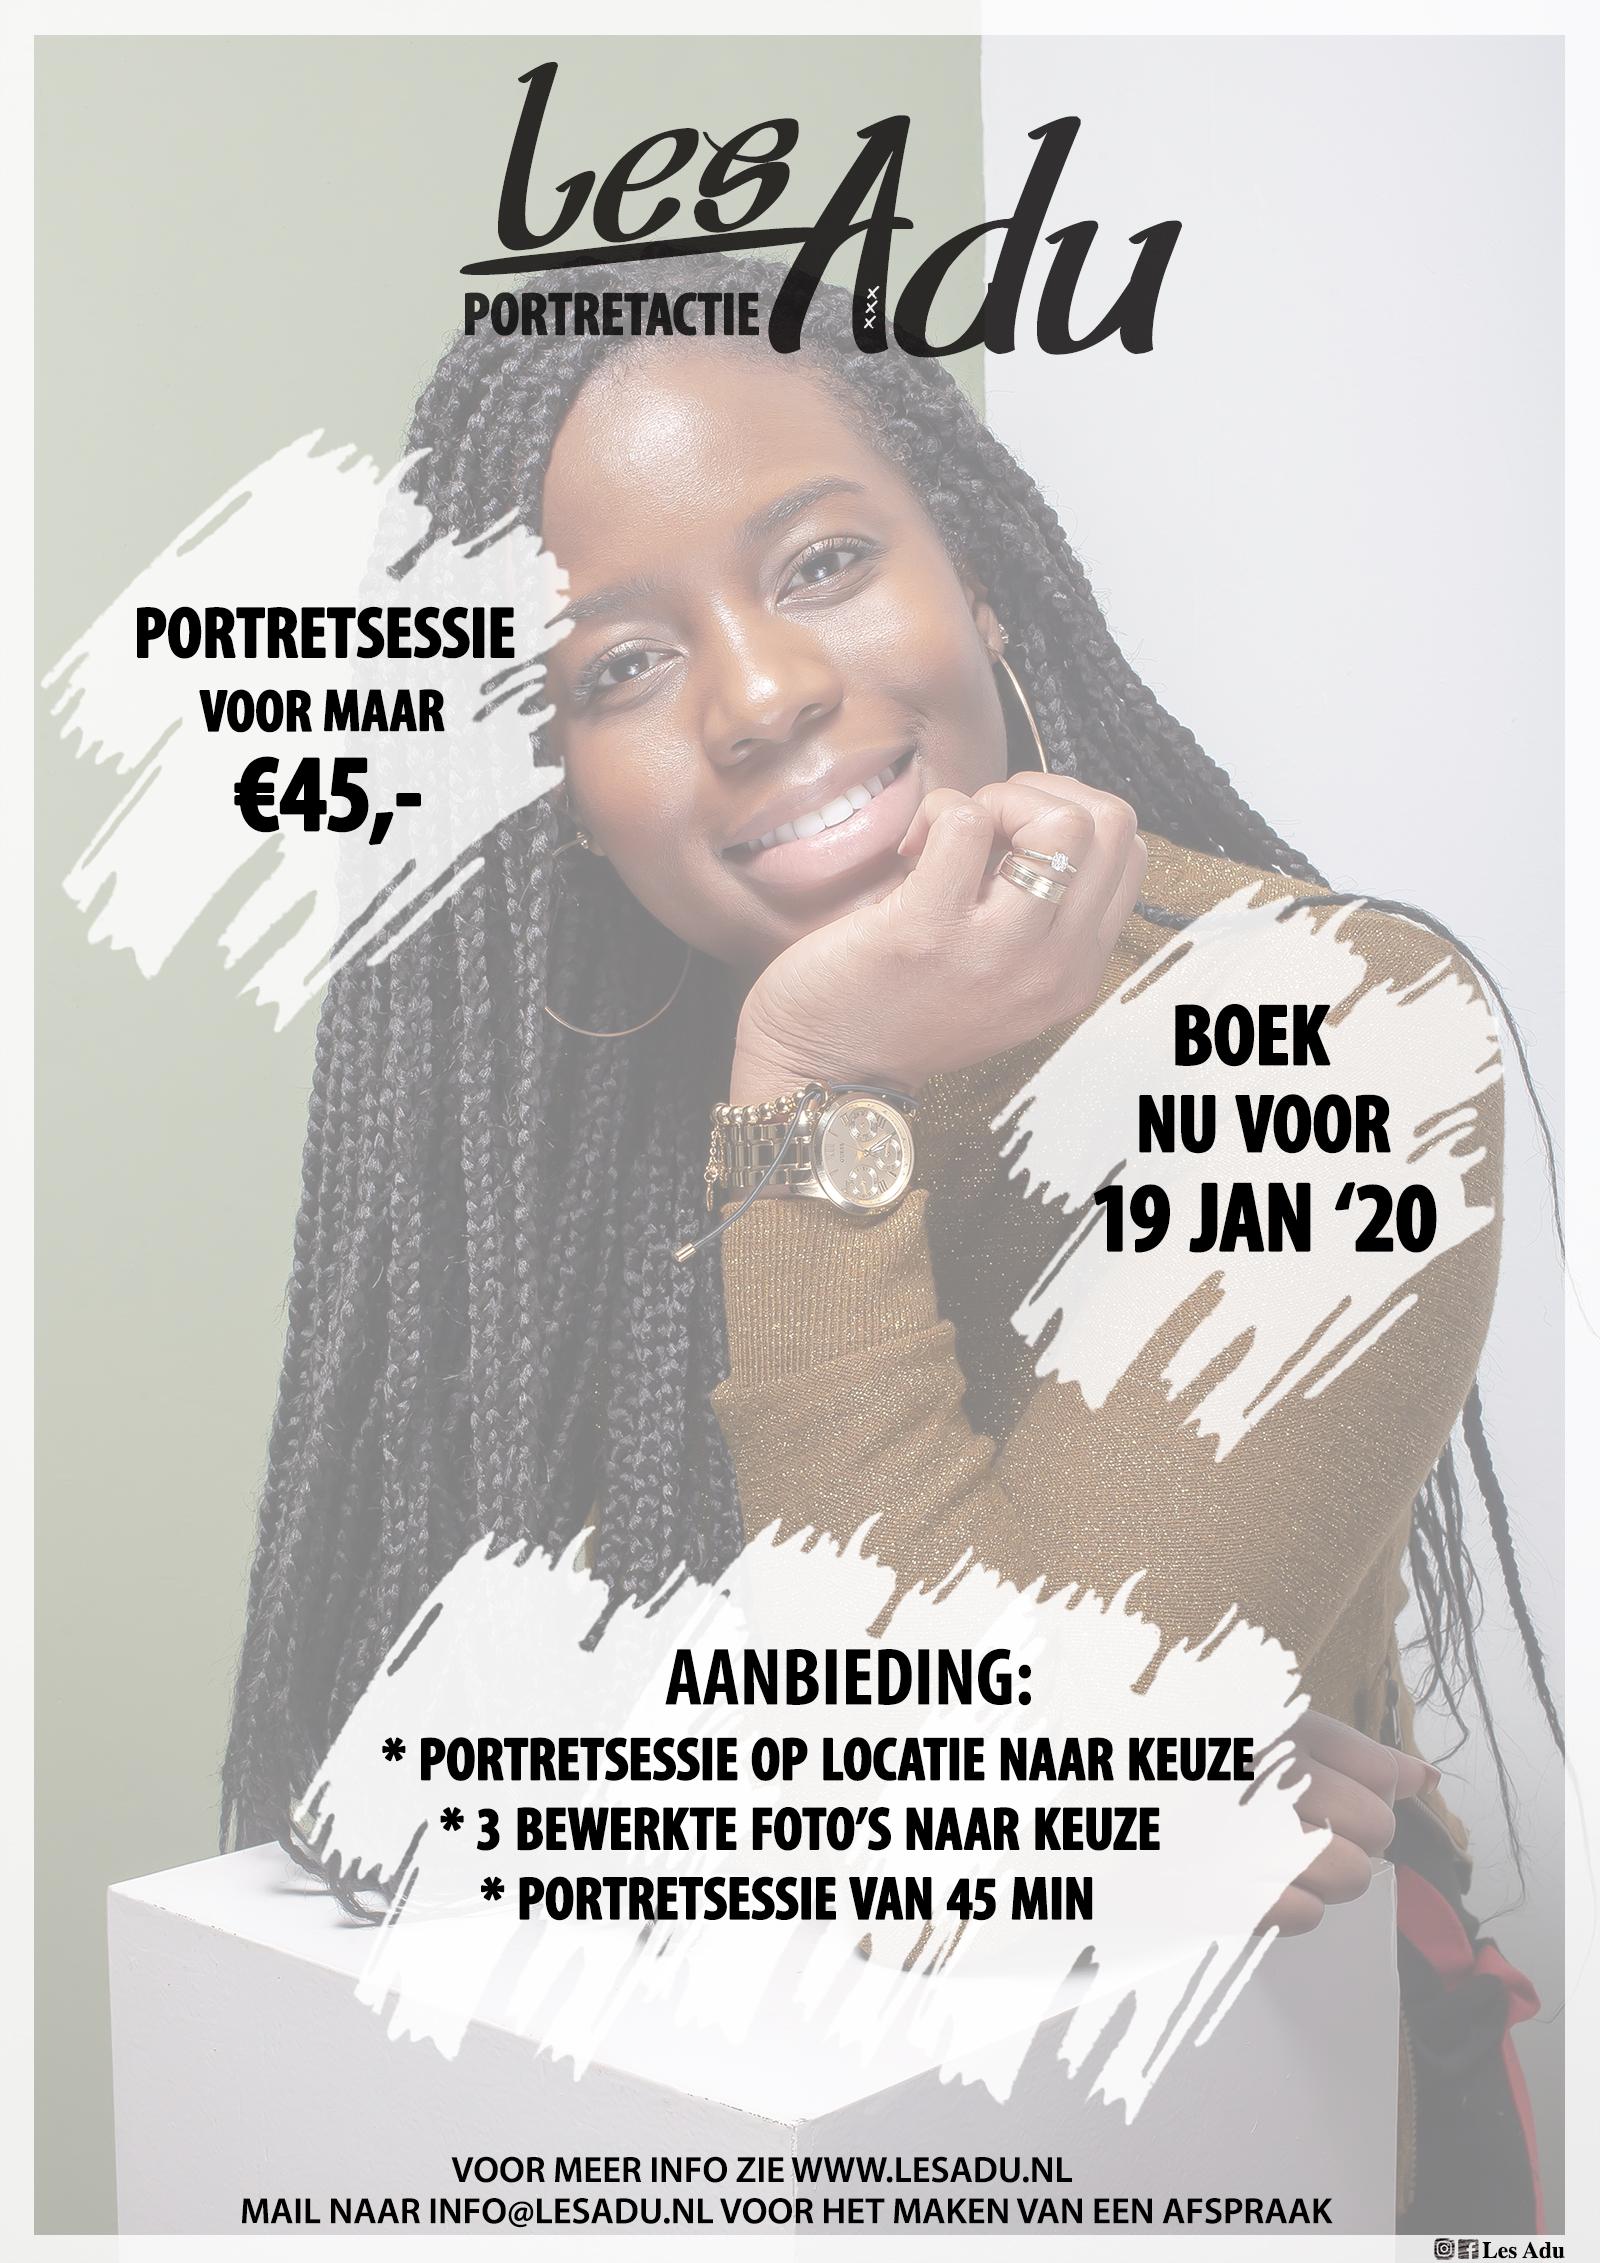 Portret Actie voor €45,-